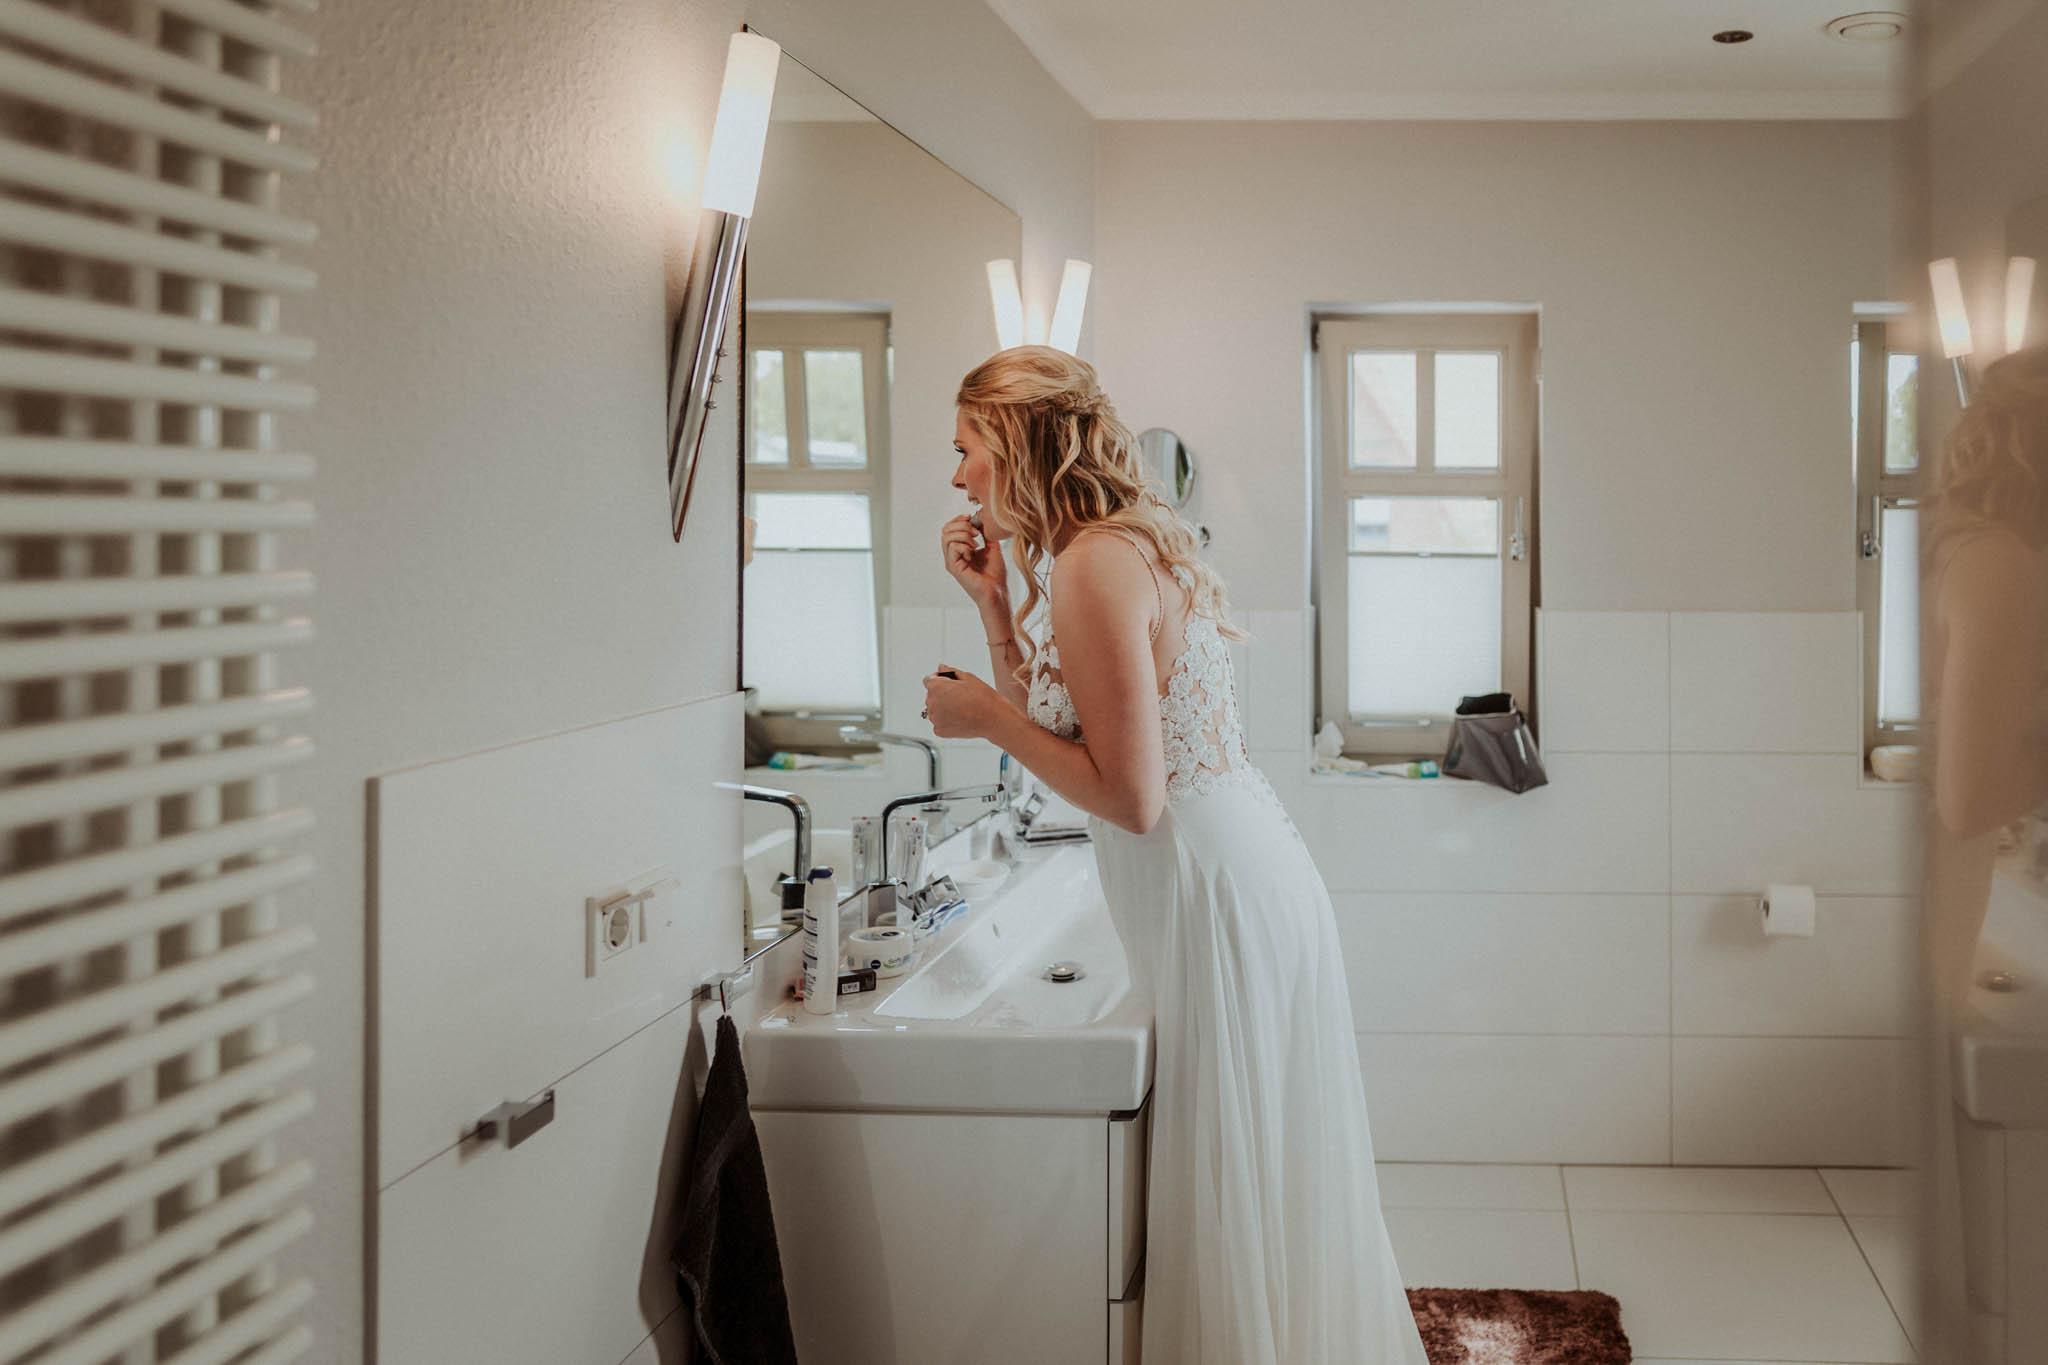 Hochzeitsfieber by Photo-Schomburg, Hochzeitsfotograf, Hamburg, Bremen, Hochzeitstag, Hochzeitspaar, Braut, Bräutigam, Bremen-Kränholm,Knoops Park-41